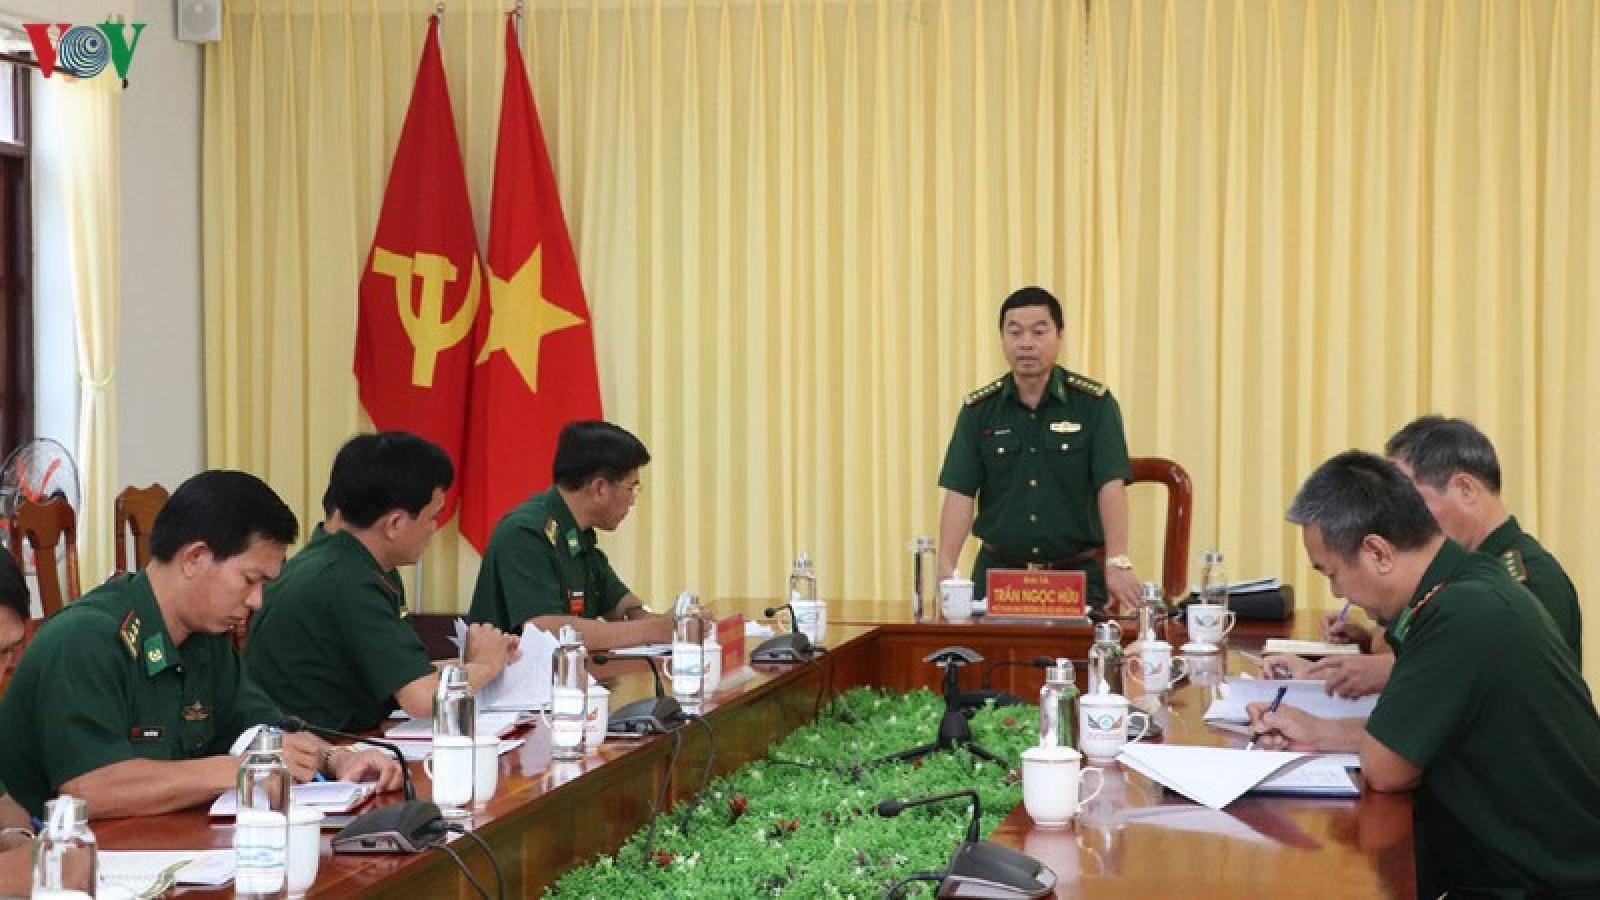 Bắt giữ gần 400 người xuất, nhập cảnh trái phép tại An Giang